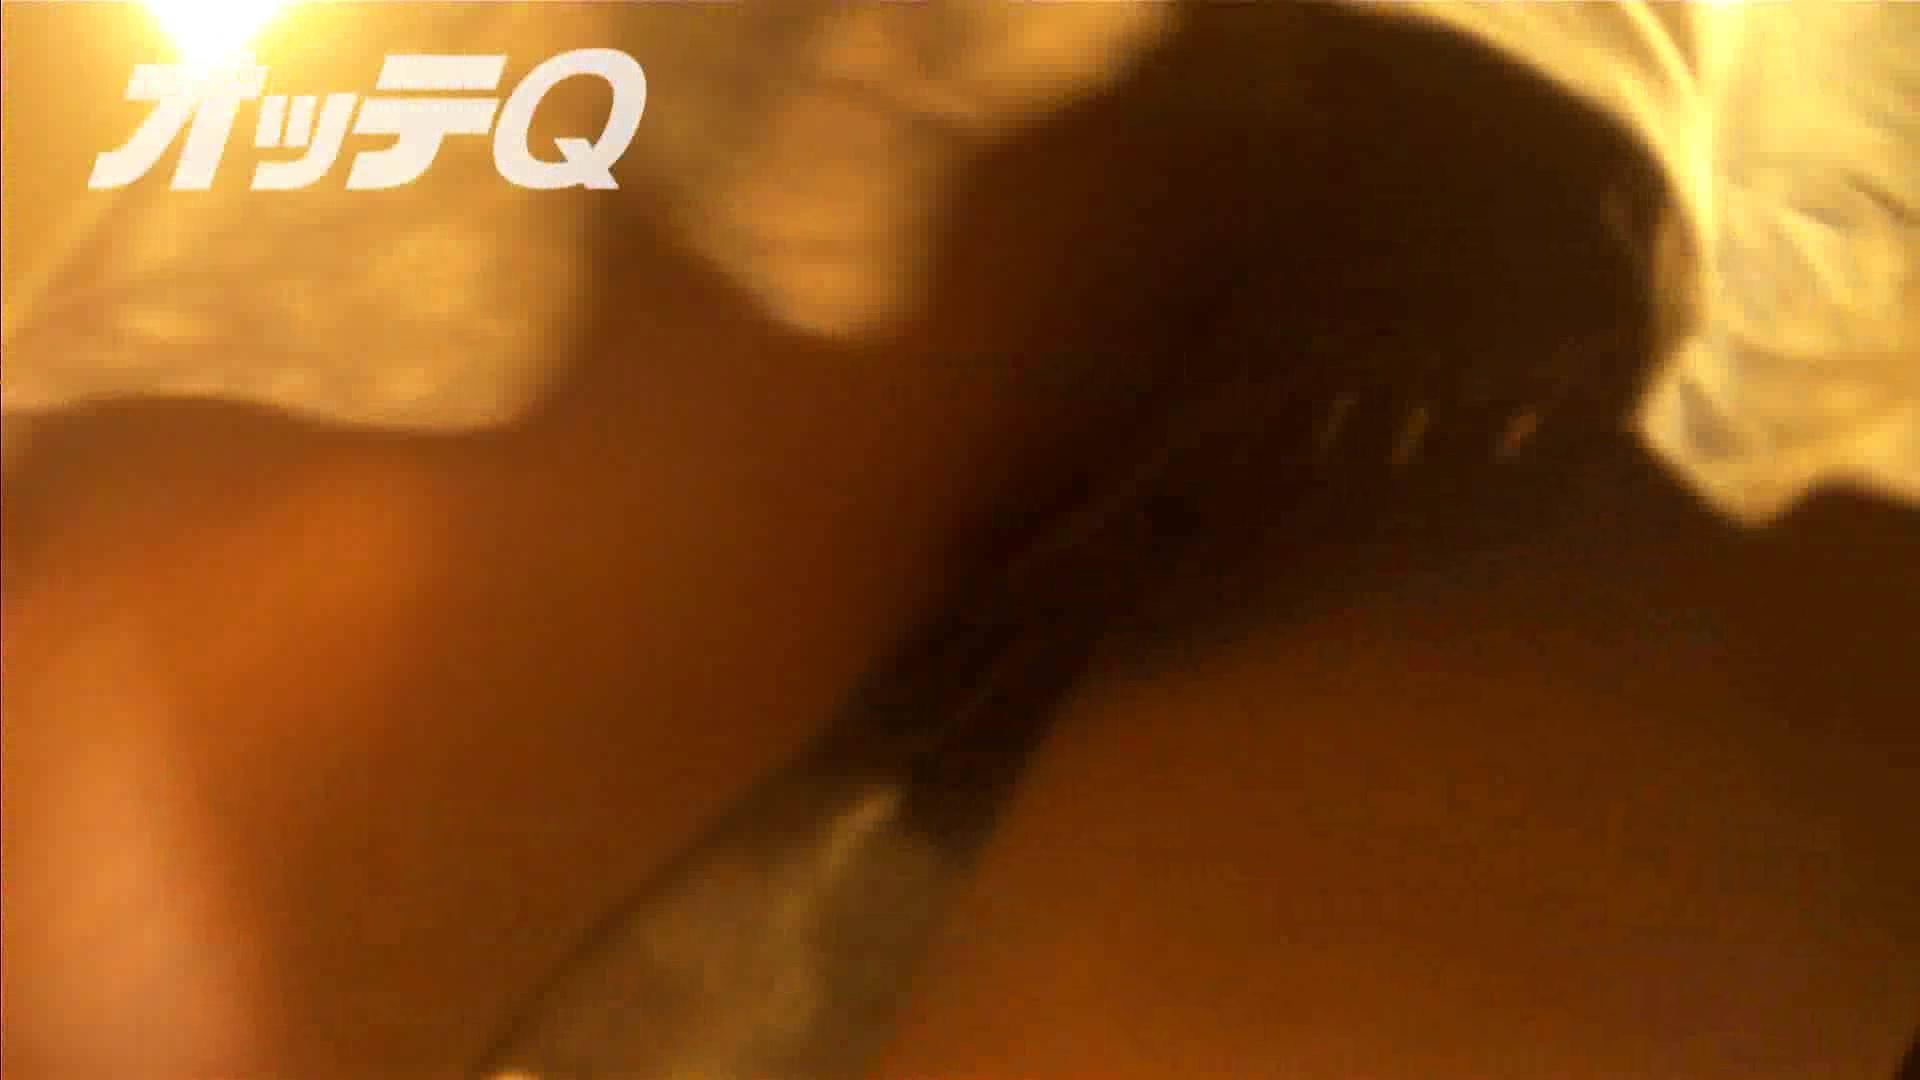 ハイビジョンパンチラ オッテQさんの追跡パンチラデパート編VOL.04 追跡 オメコ動画キャプチャ 105pic 11